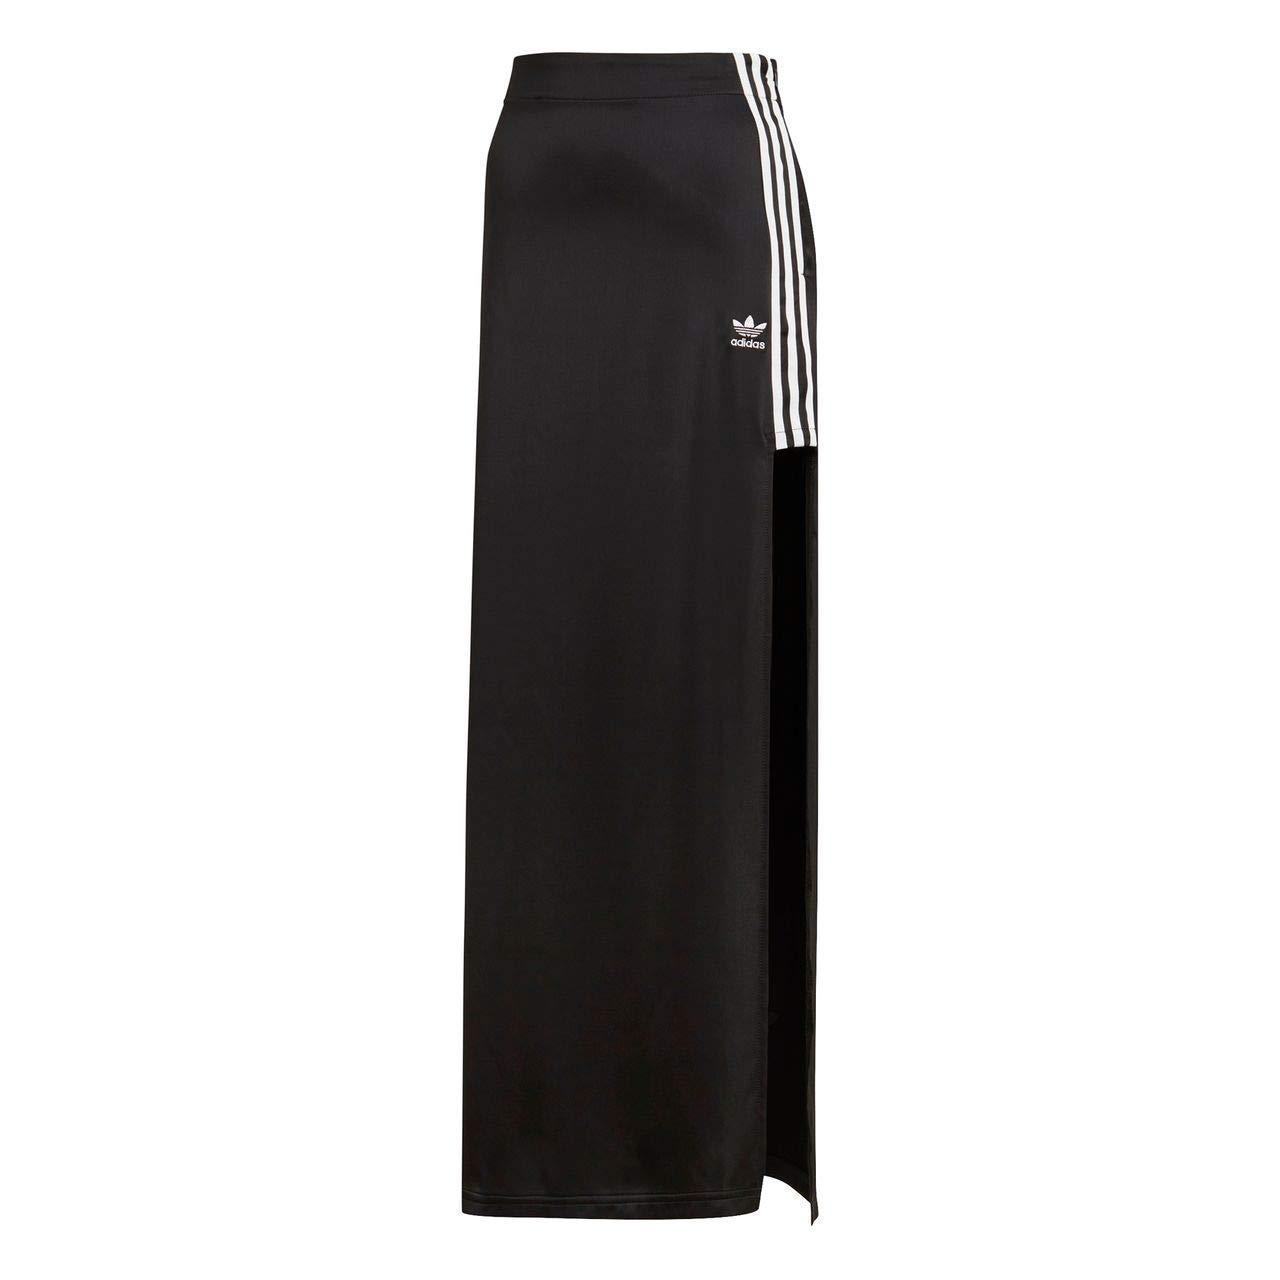 a44689fc26 adidas Skirt Fsh L Black 6 US – S (Small): Amazon.com.au: Fashion